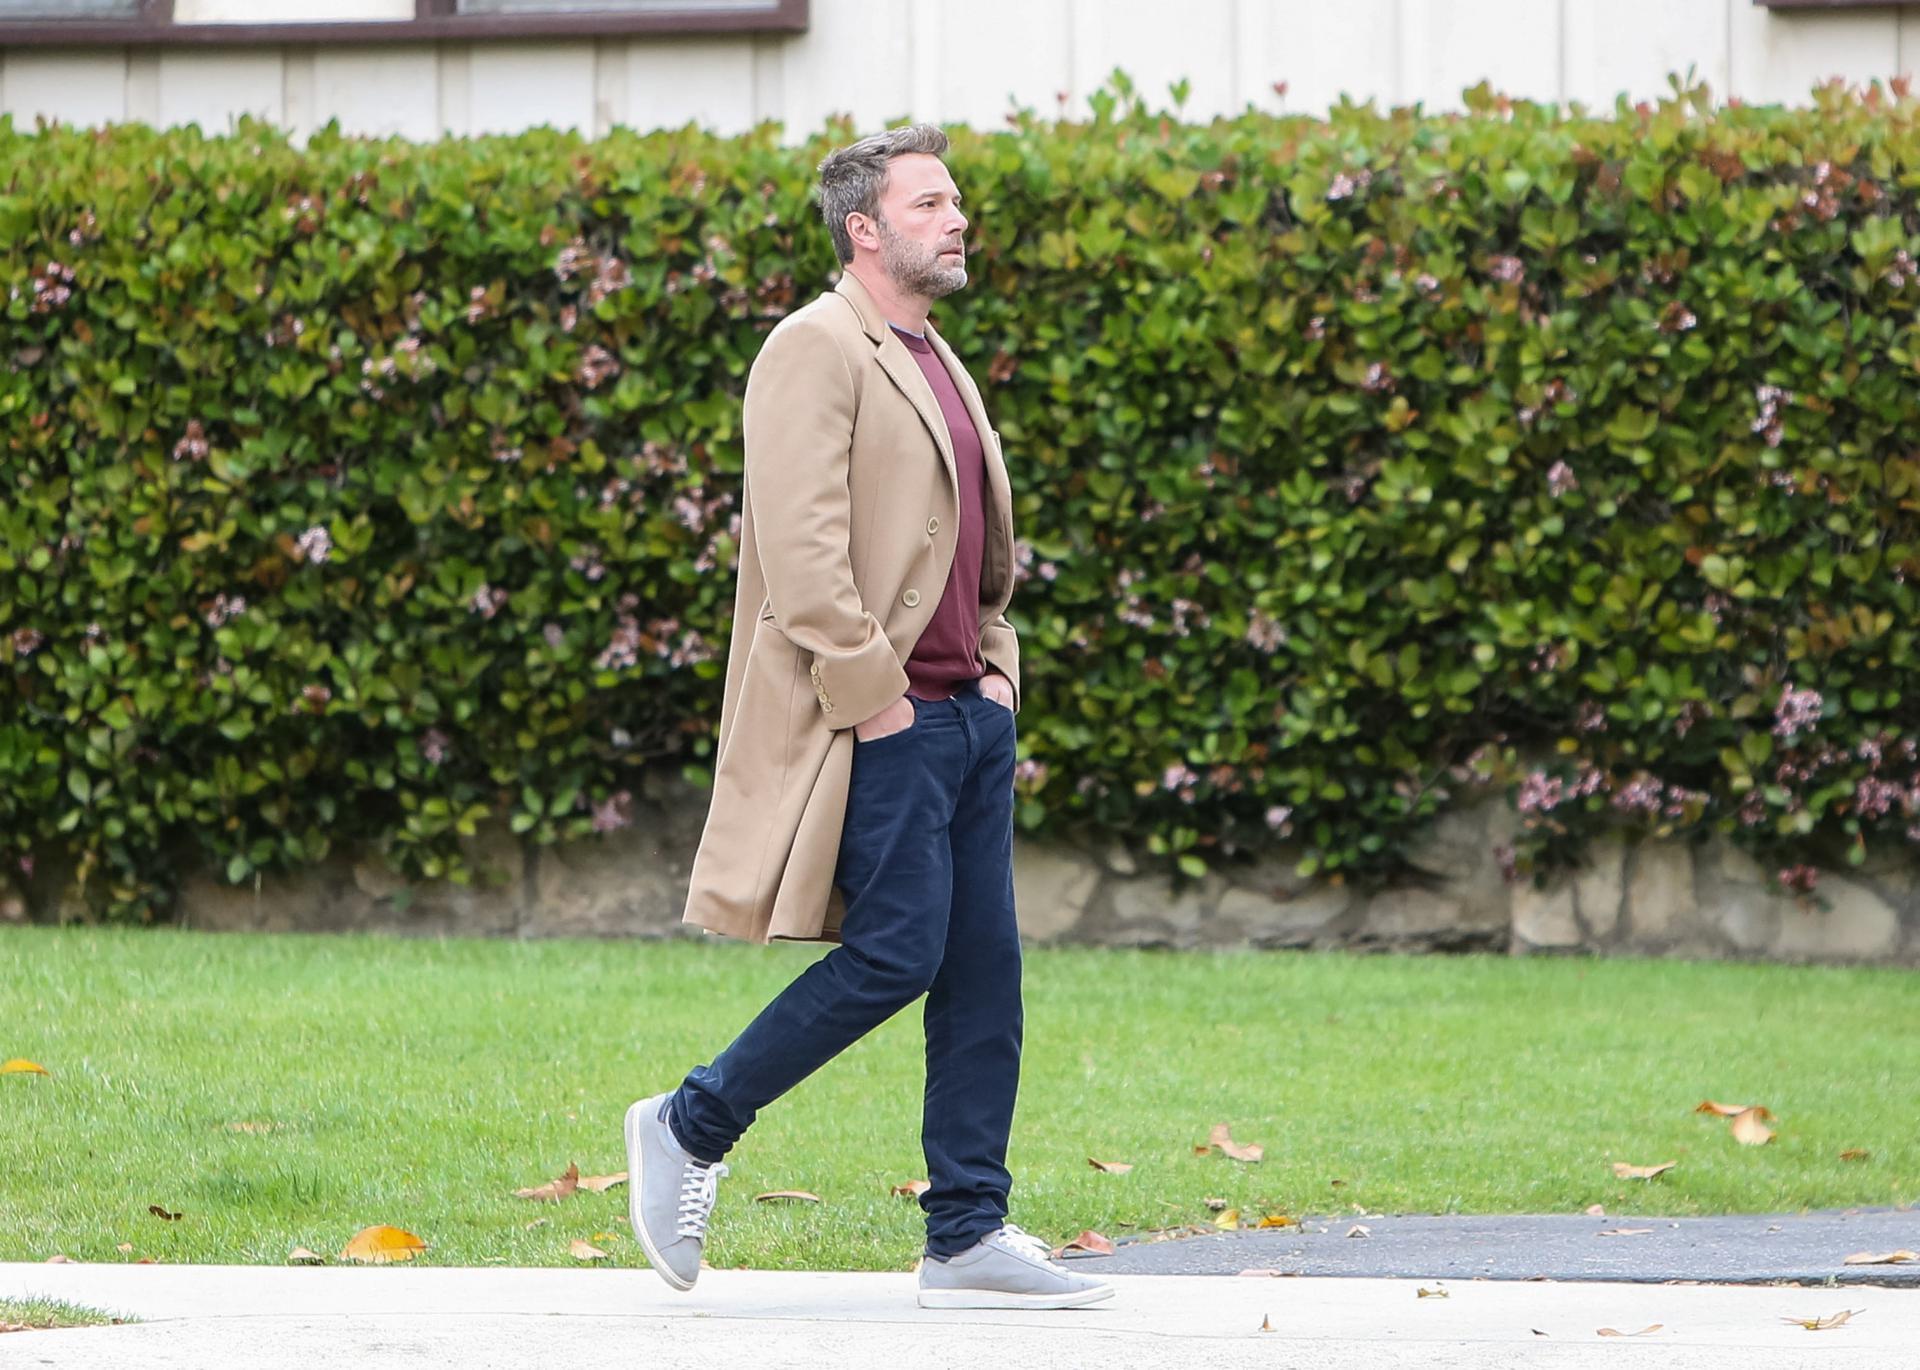 """Ben Affleck: """"Chciałbym ważnej relacji"""". Wyjaśnia, dlaczego nie szuka dziewczyny w sieci! - ESKA.pl"""